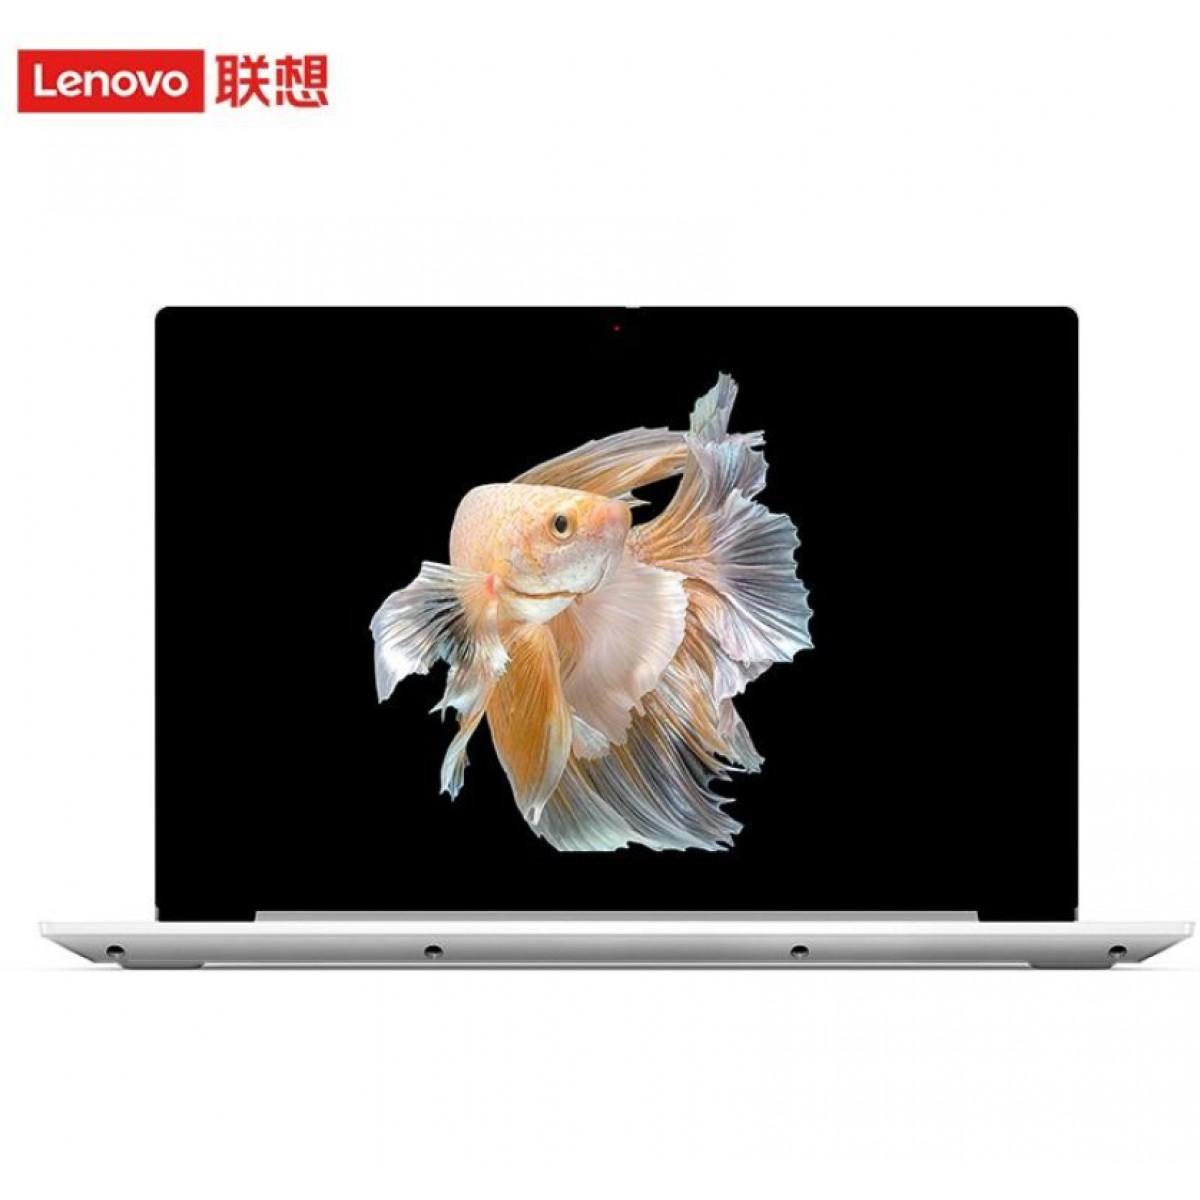 Ideapad15S-15 i3 10110U 8G 512G核心显卡银灰色 15.6寸